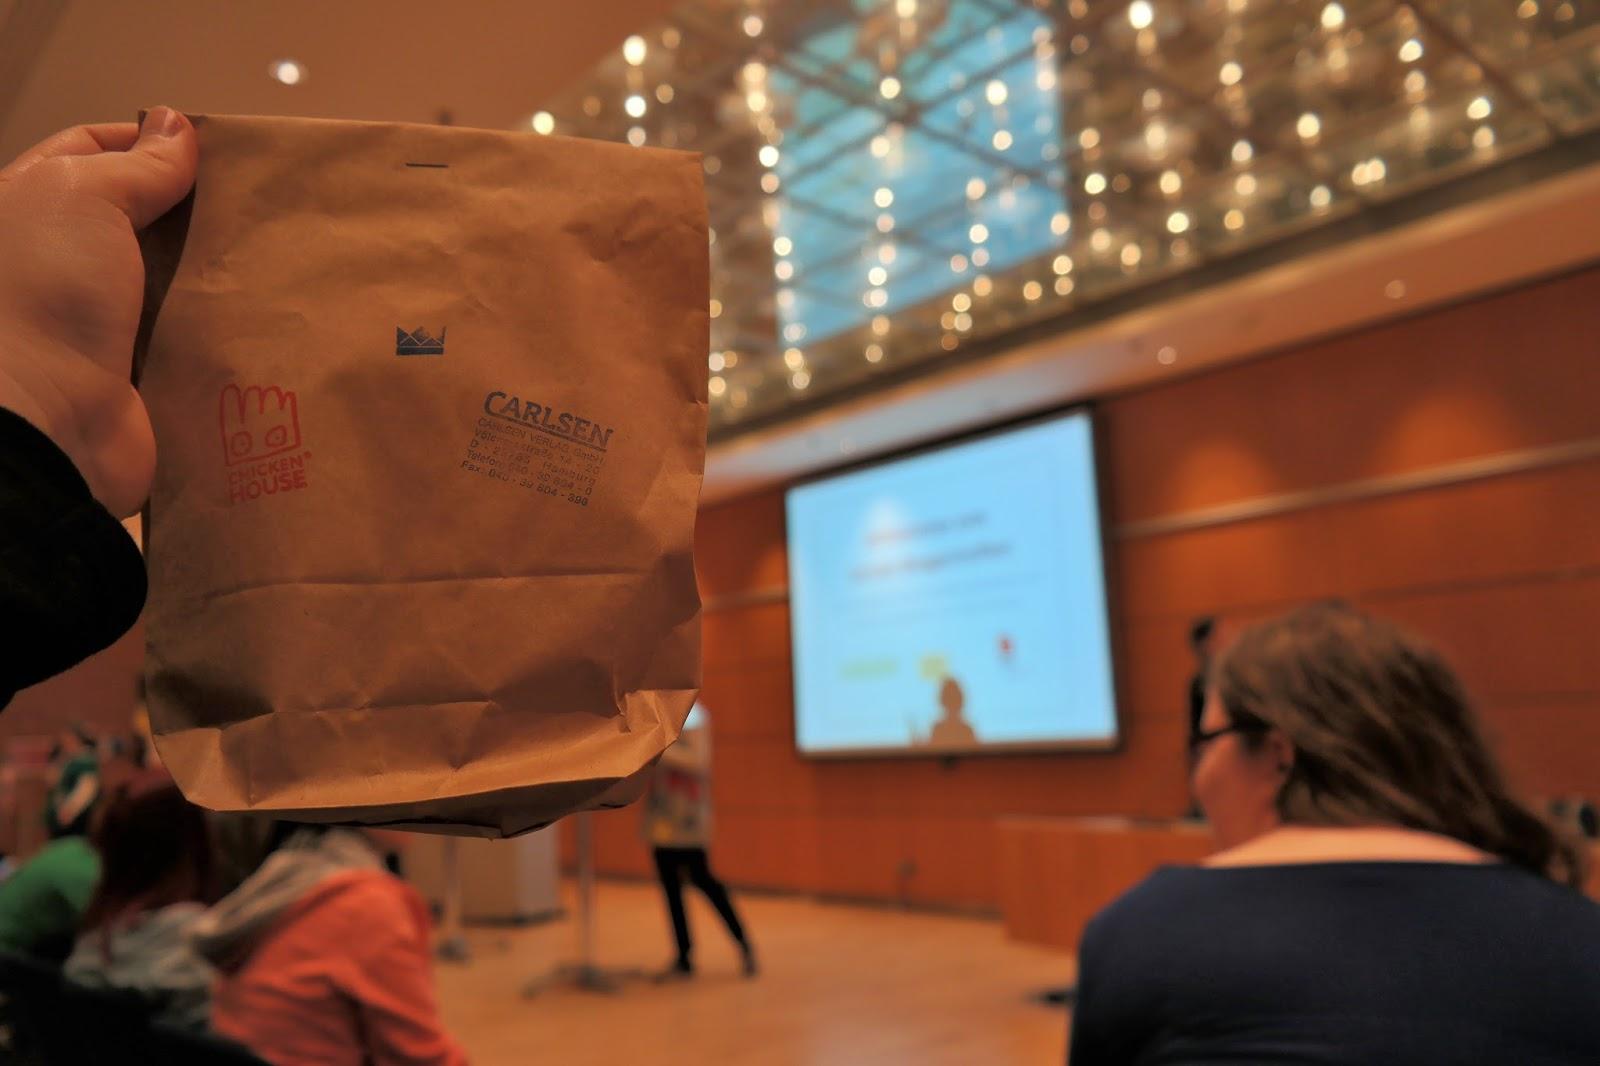 Bloggerempfang von Carlsen